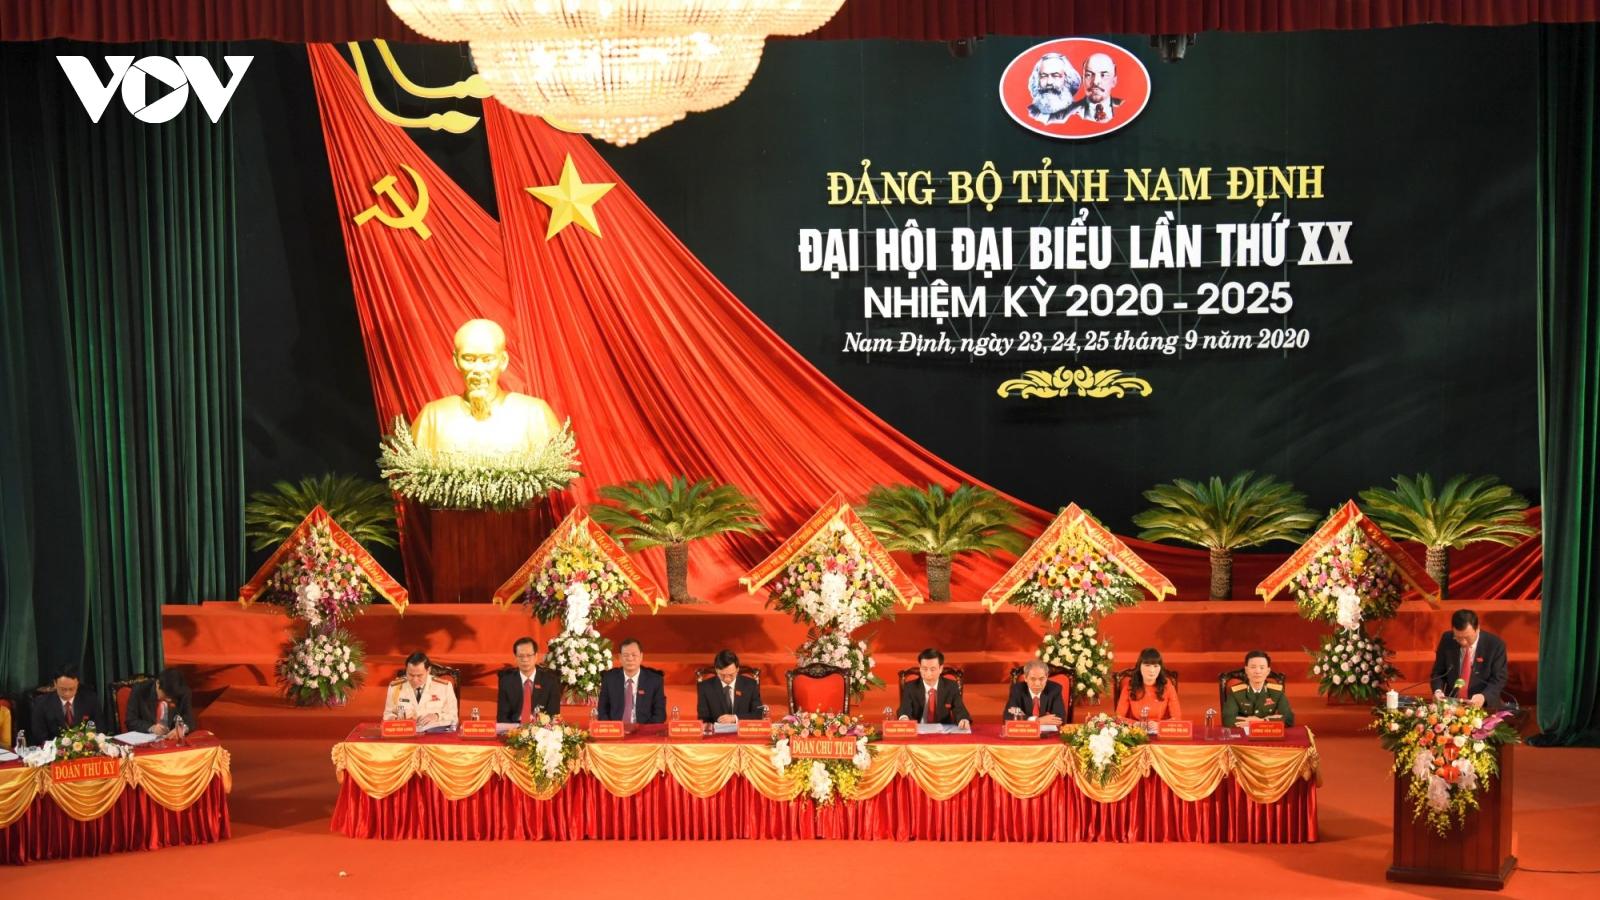 Khai mạc Đại hội đại biểu Đảng bộ tỉnh Nam Định nhiệm kỳ 2020-2025